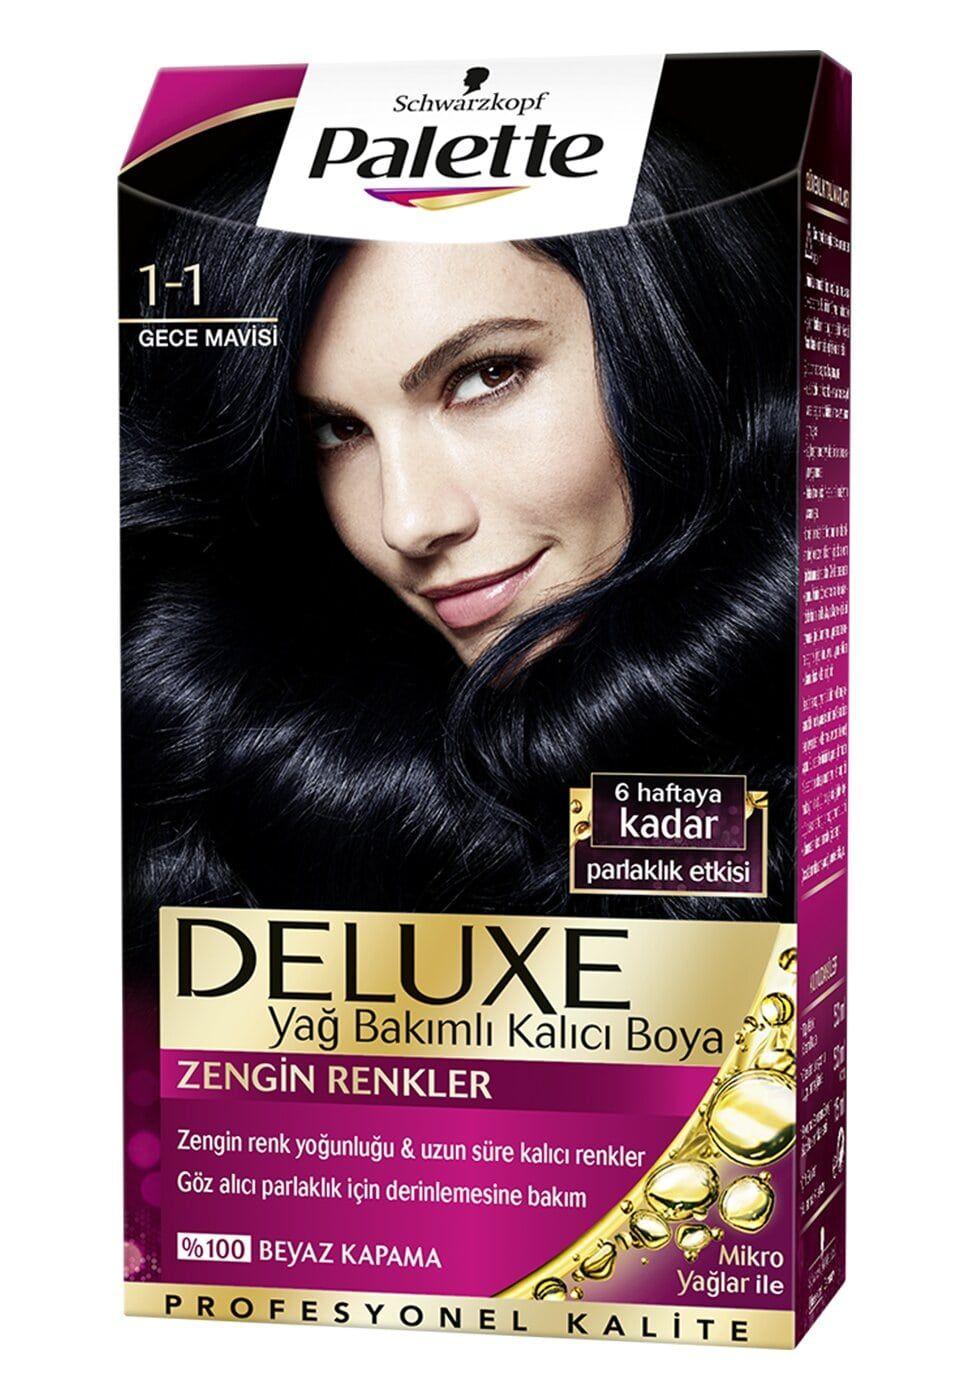 Schwarzkopf Palette Deluxe Sac Boyasi 1 1 Gece Mavisi 2020 Gece